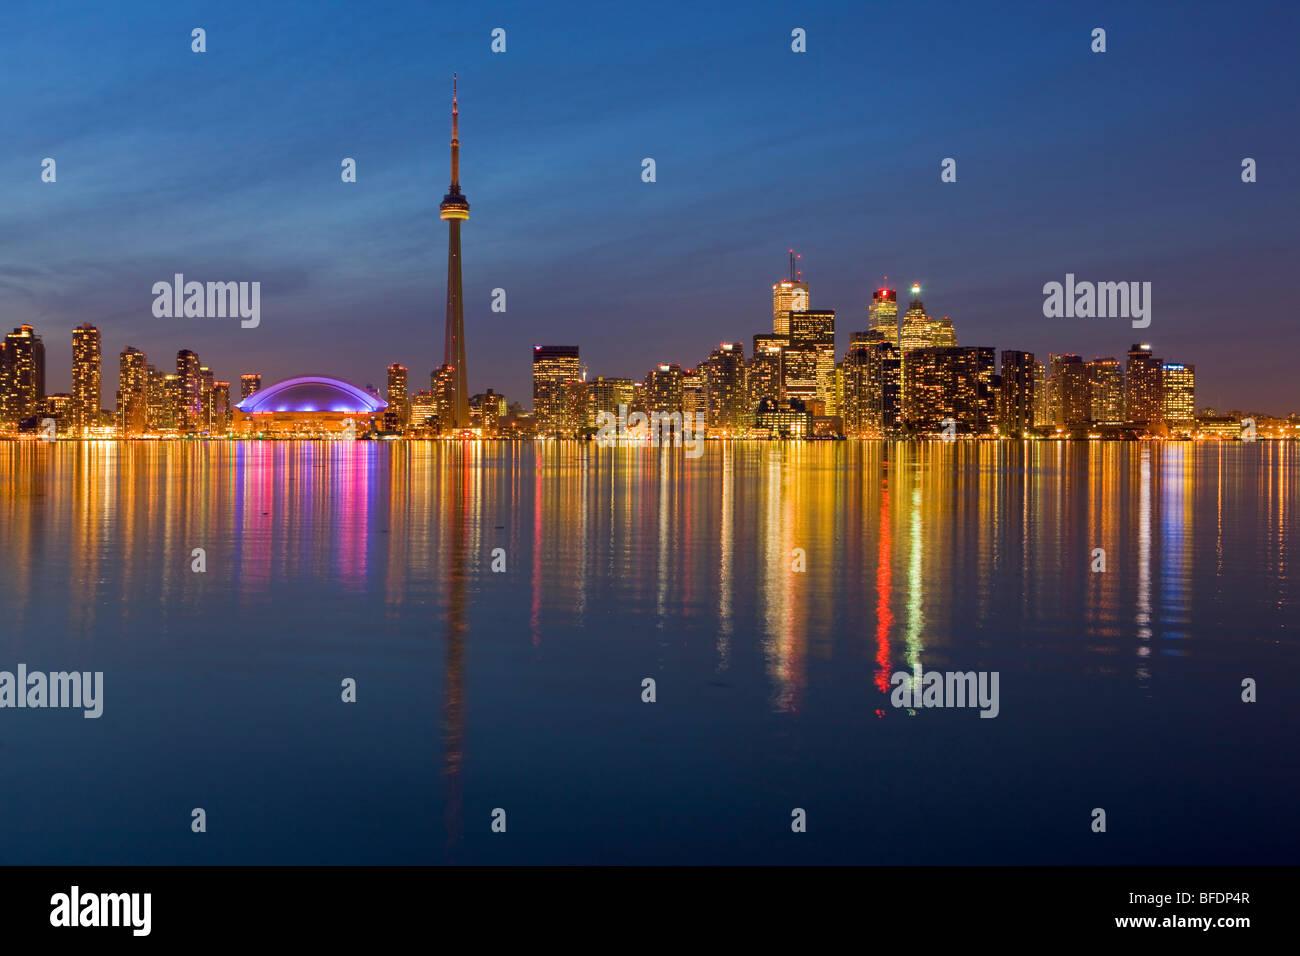 Skyline von Toronto gesehen in der Abenddämmerung aus Inselmitte, Toronto Islands, Lake Ontario, Ontario, Kanada Stockbild